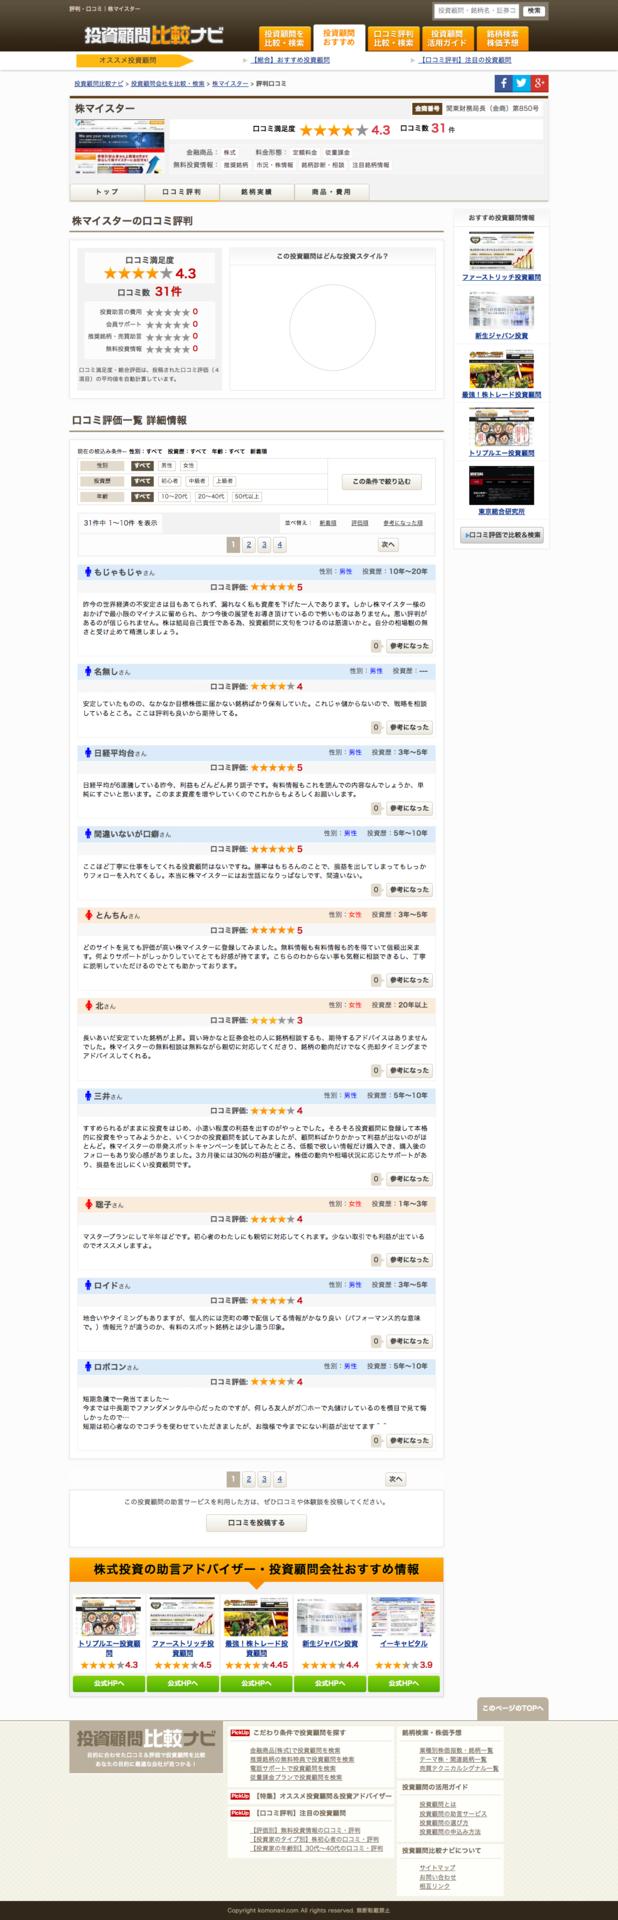 評判・口コミ|株マイスター|投資顧問比較ナビ.png